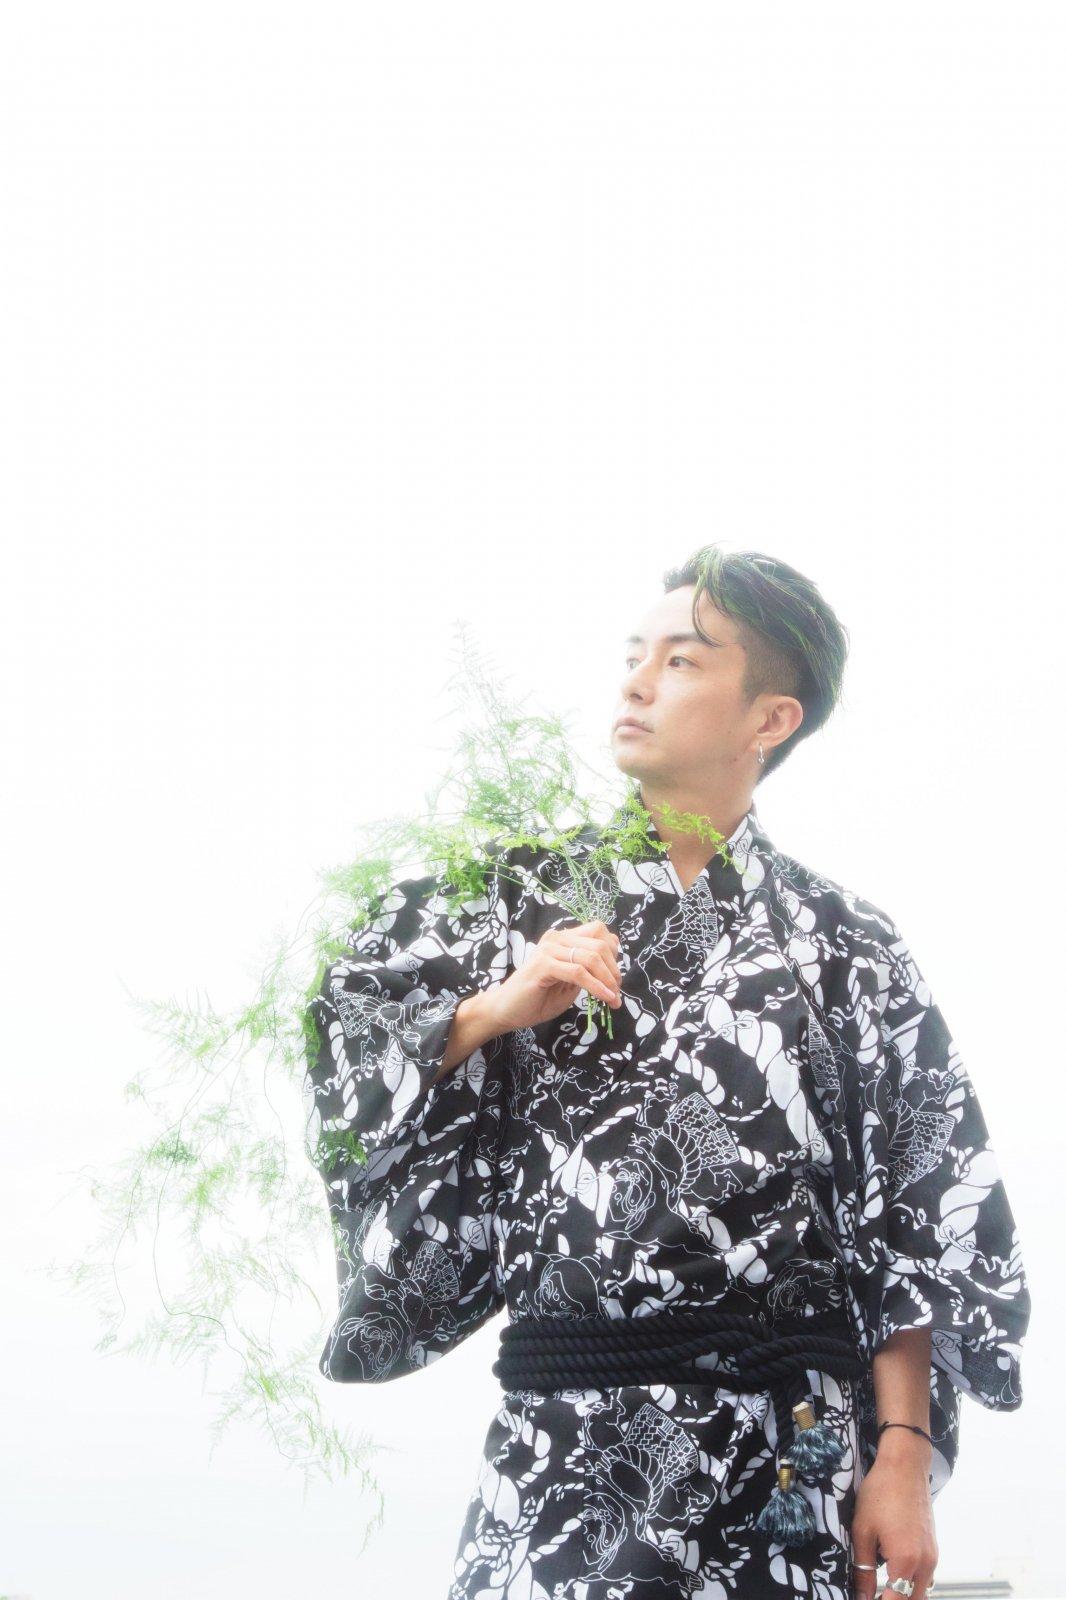 千代の富士 × 瀧下和之 ちよのふじ柄 浴衣